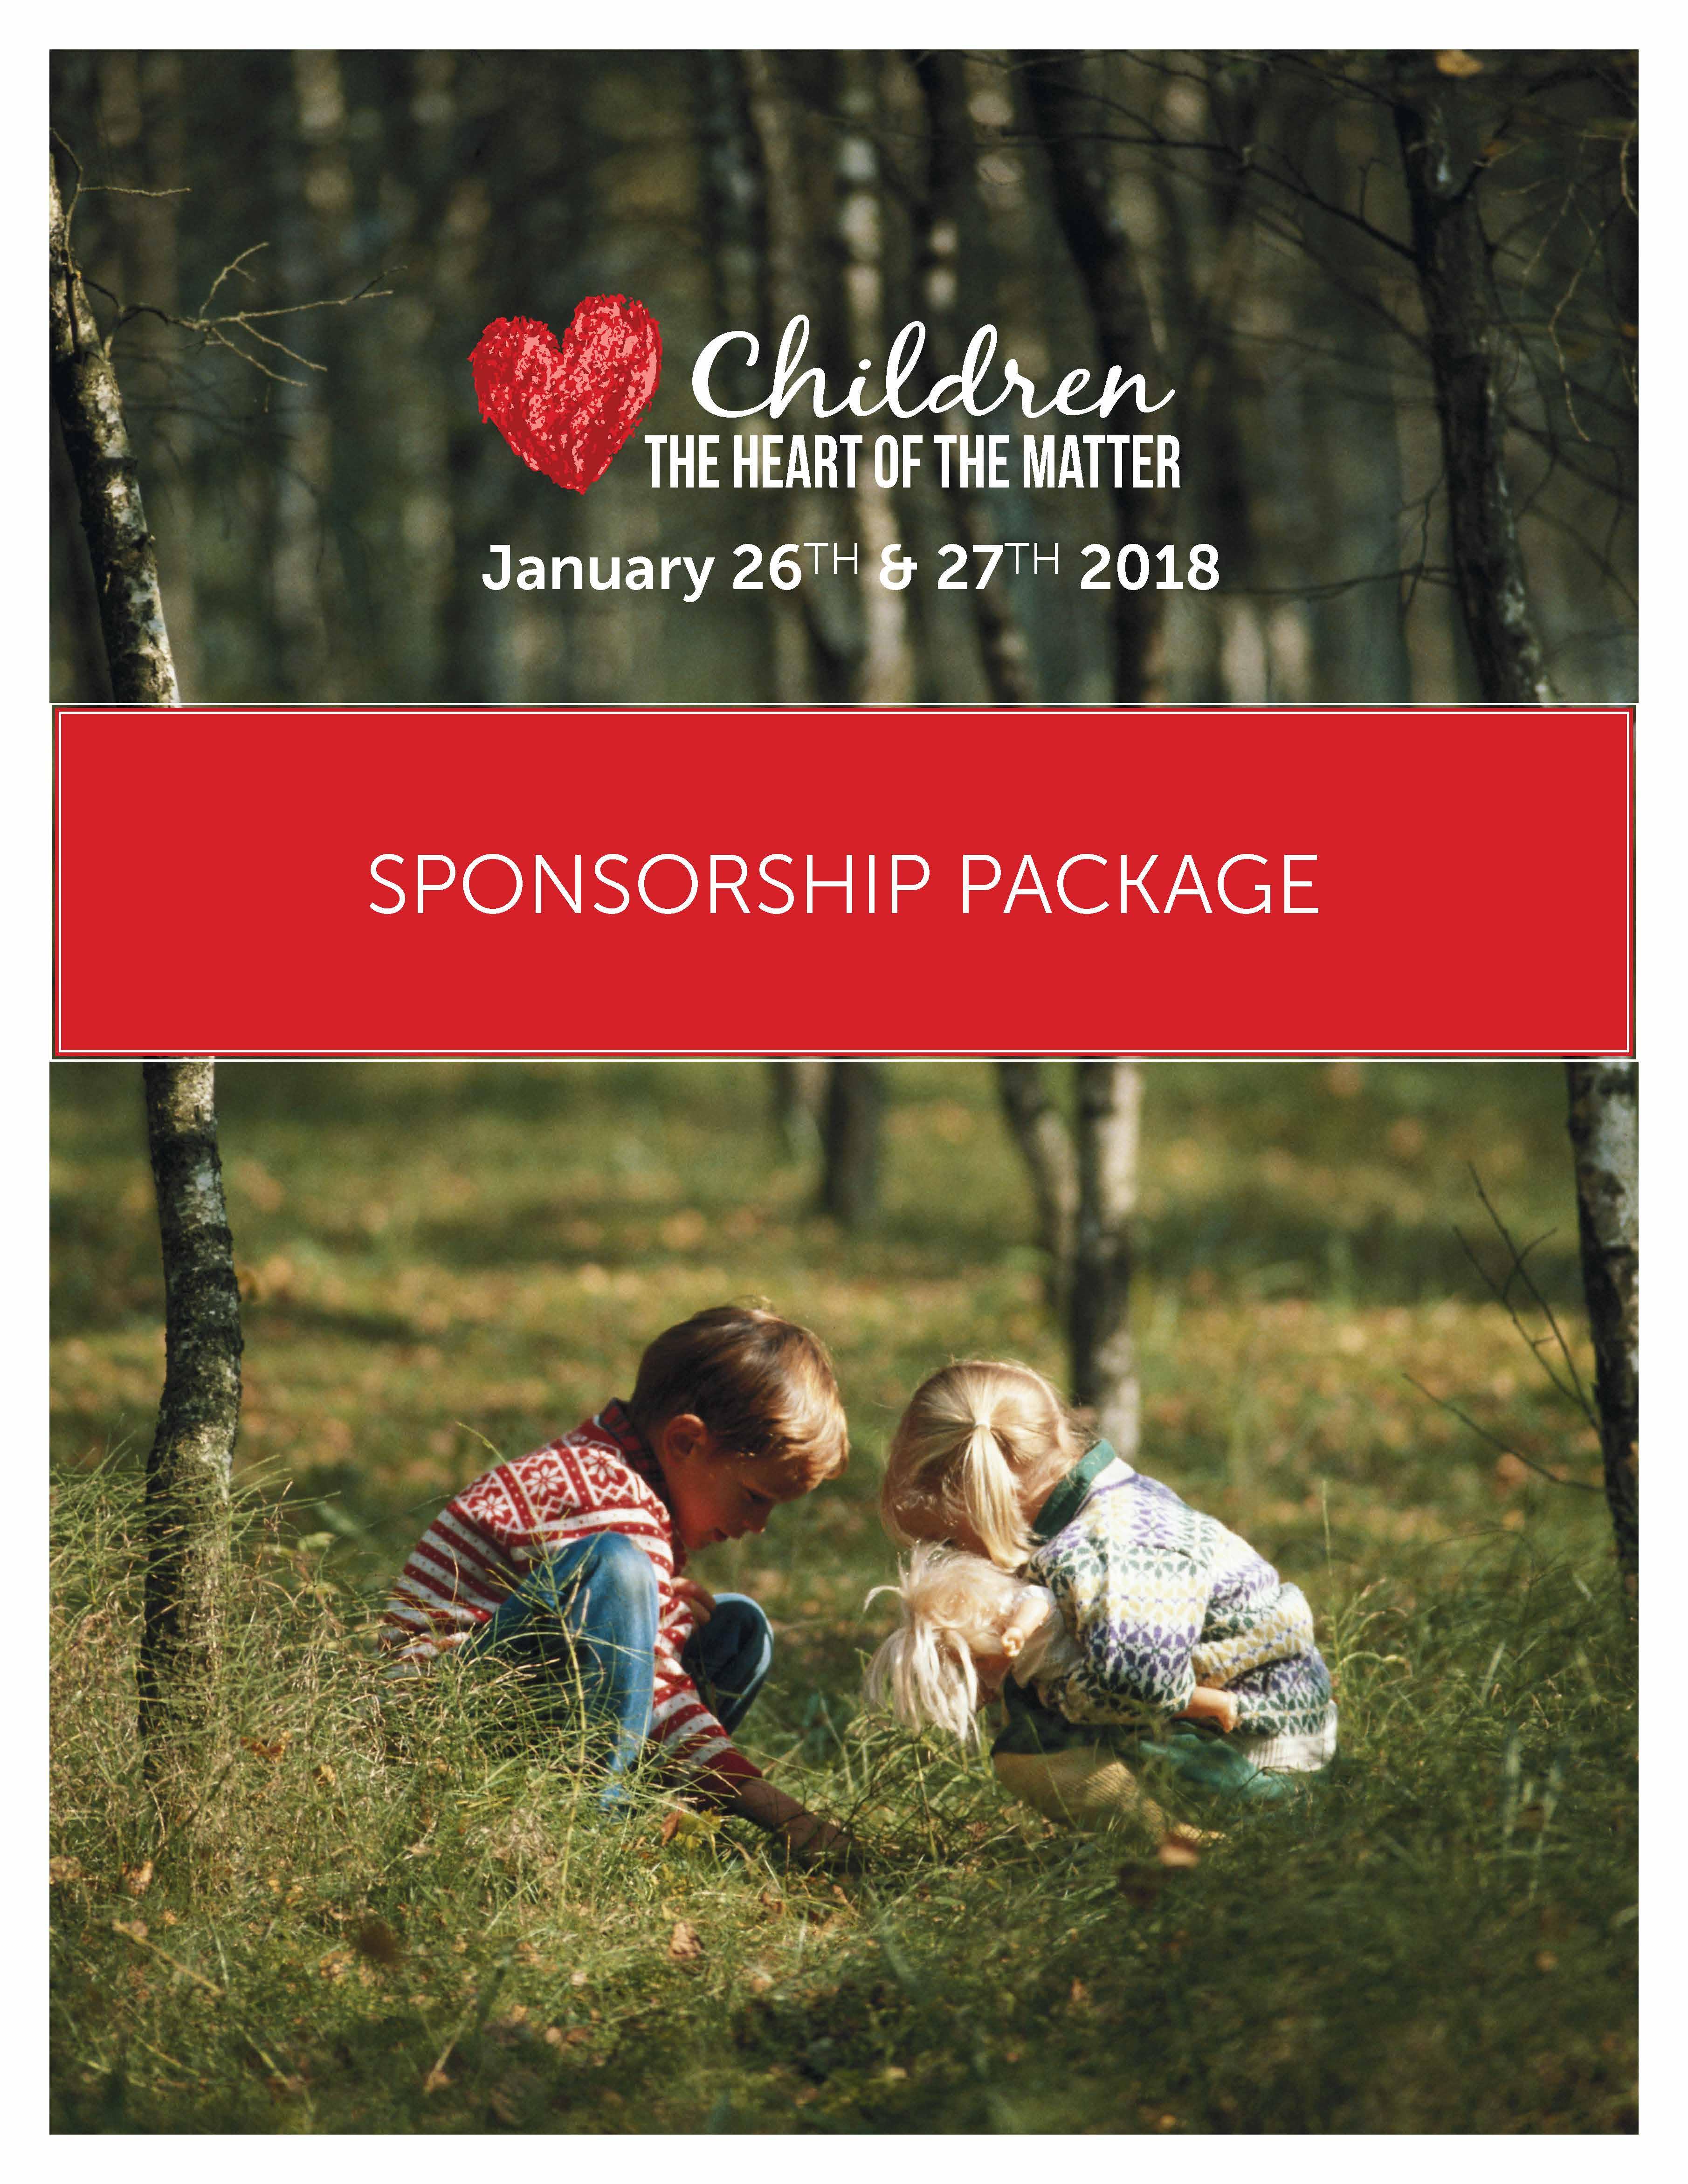 Children the Heart of the Matter Sponsorship package